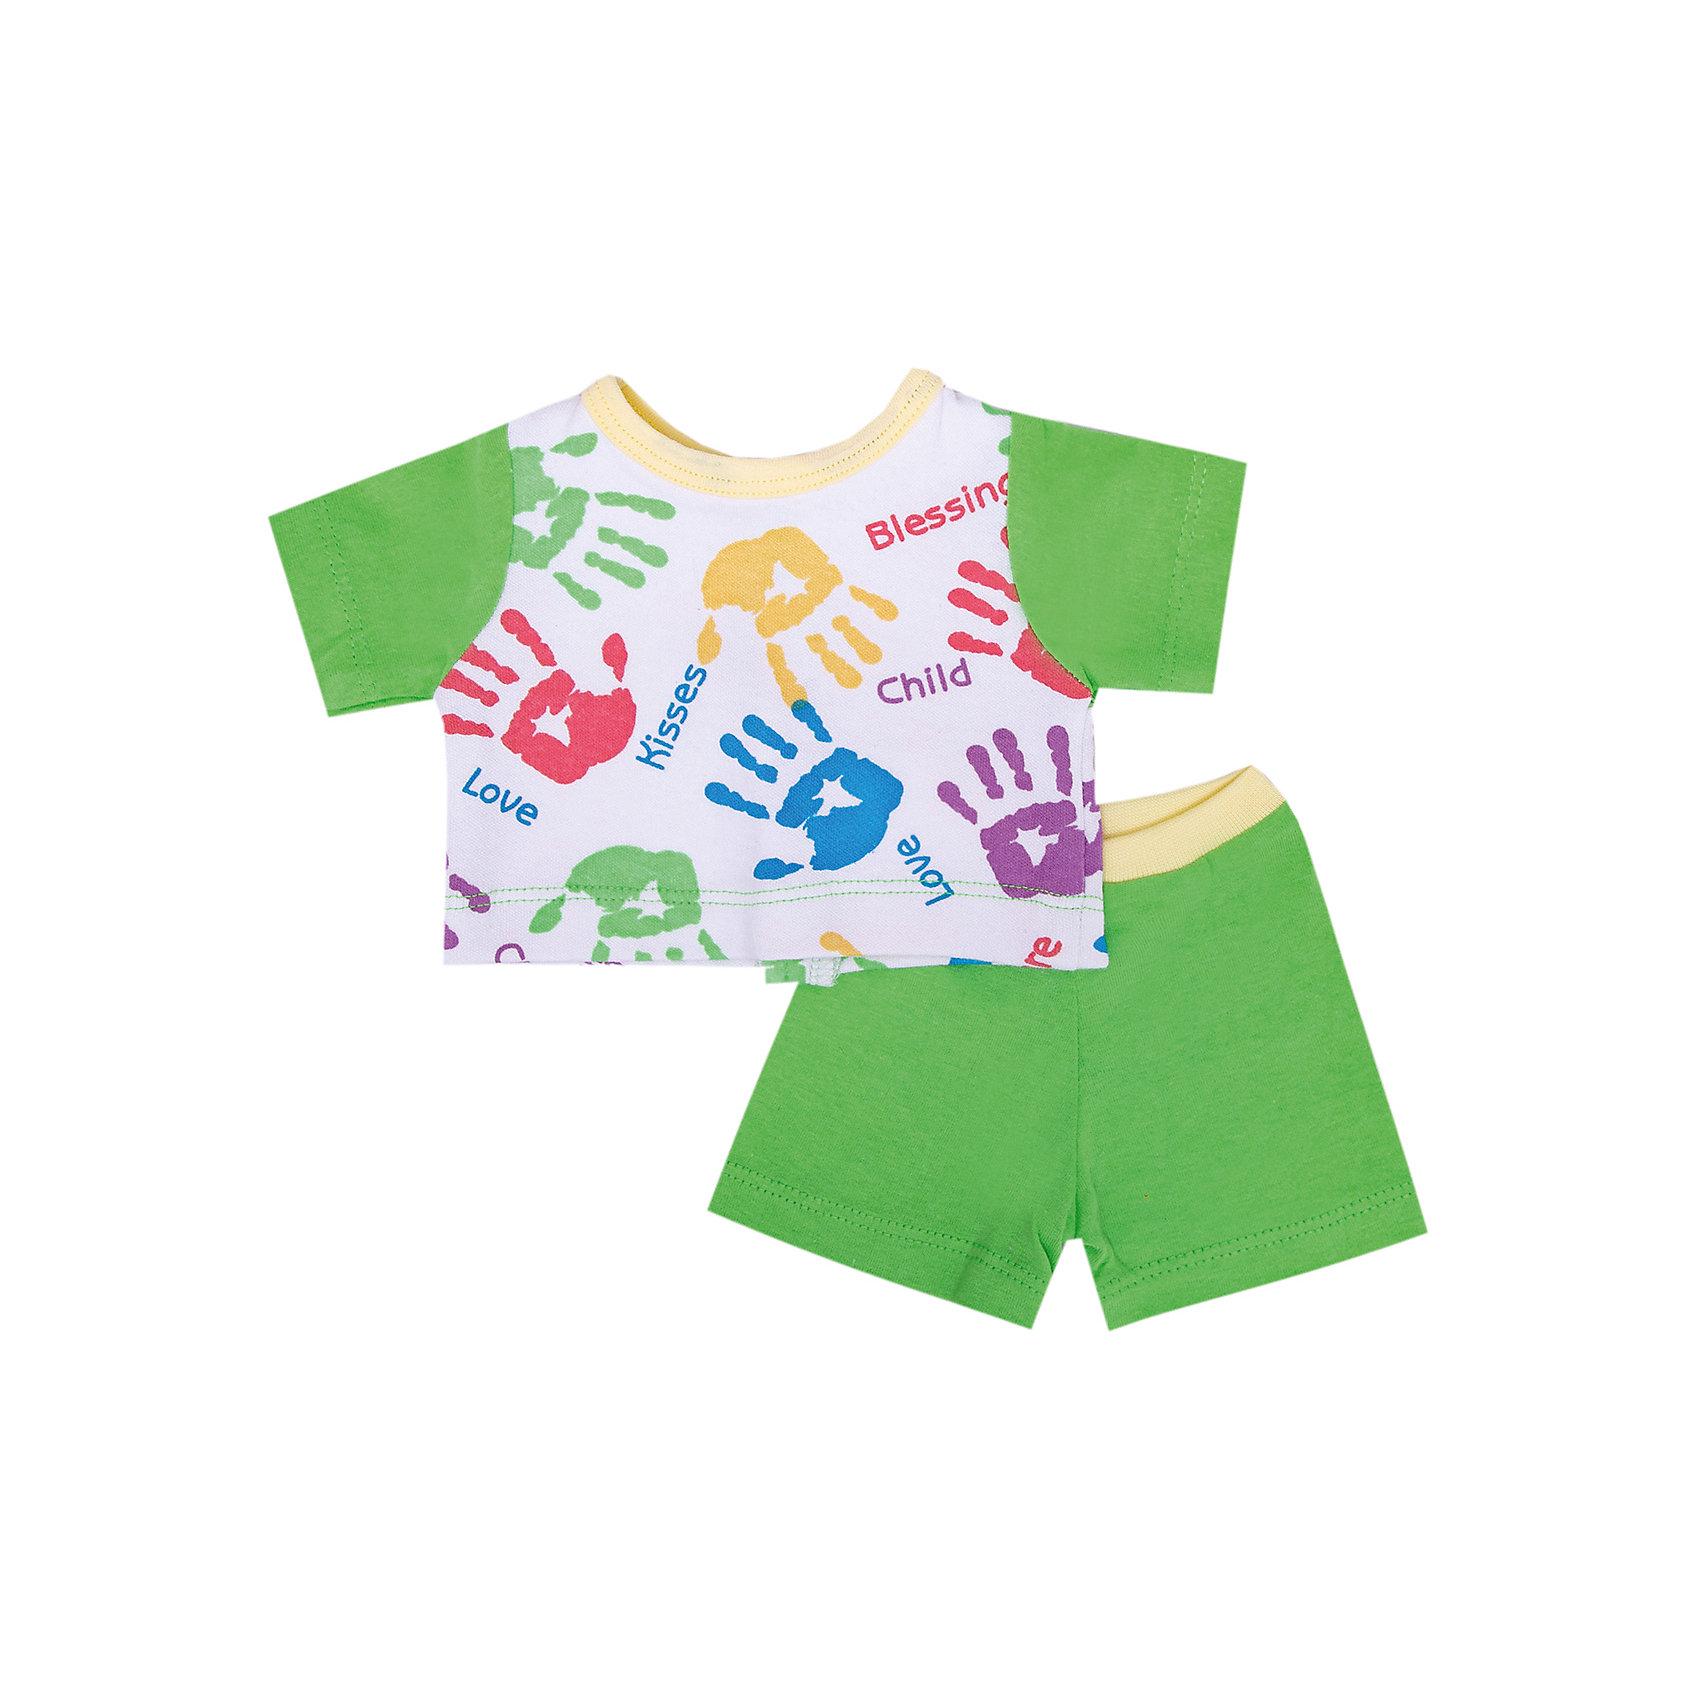 Комплект одежды для куклы, 40-42 см, КарапузКукольная одежда и аксессуары<br>Характеристики товара:<br><br>• подходит для кукол высотой 40-42 см;<br>• в комплекте: шорты, футболка;<br>• материал: текстиль;<br>• размер упаковки: 37х3х18 см;<br>• вес: 50 грамм;<br>• возраст: от 3 лет.<br><br>Комплект одежды Карапуз предназначен для кукол высотой 40-42 сантиметра. В набор входят шорты и футболка, выполненные в светло-зеленом цвете. Передняя часть футболки дополнена принтом, изображающим разноцветные отпечатки ладошек. <br><br>Одежда изготовлена из качественного материала, приятного на ощупь. С такой одеждой девочка сможет нарядить любимую куклу для прогулки или веселых игр.<br><br>Комплект одежды для куклы, 40-42 см, Карапуз можно купить в нашем интернет-магазине.<br><br>Ширина мм: 28<br>Глубина мм: 3<br>Высота мм: 37<br>Вес г: 50<br>Возраст от месяцев: 36<br>Возраст до месяцев: 60<br>Пол: Женский<br>Возраст: Детский<br>SKU: 6970771